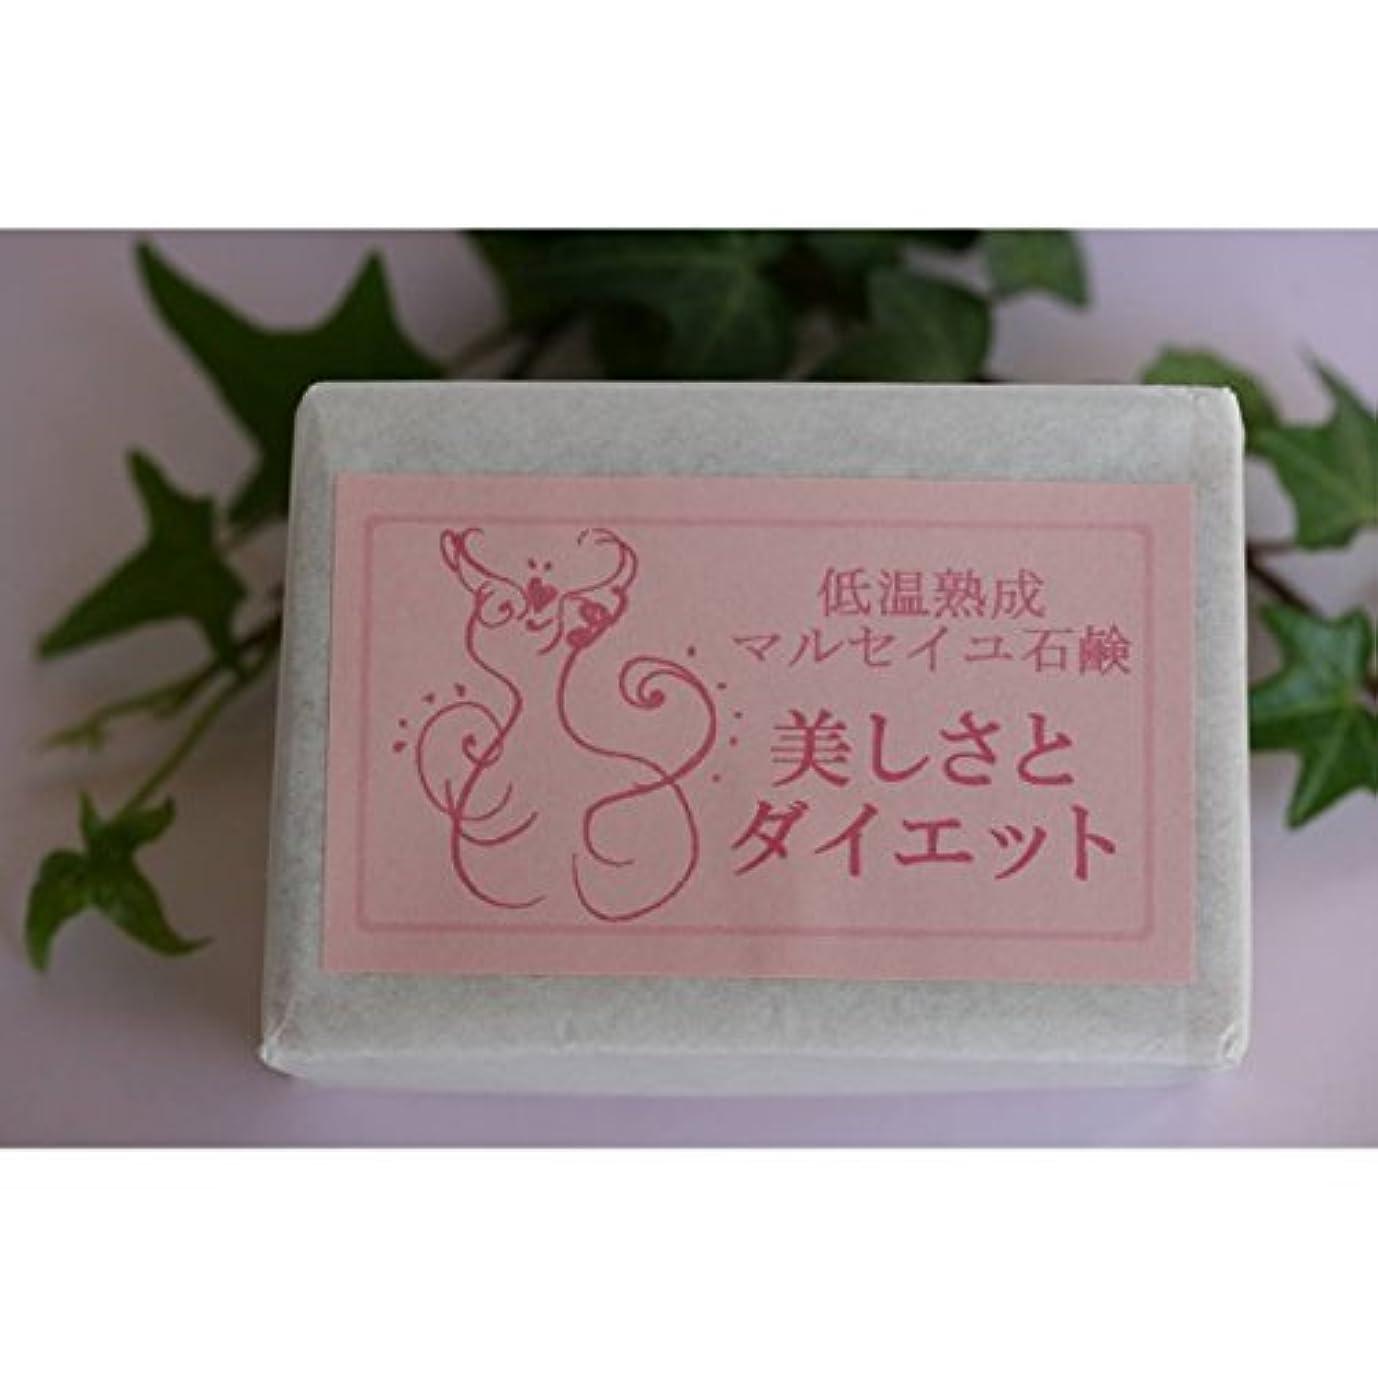 ニコチン宿る人に関する限りマウントフジ フラワーエッセンス 低温熟成 マルセイユ石鹸 美しさとダイエット (MTFUJI FLOWER ESSENCES)